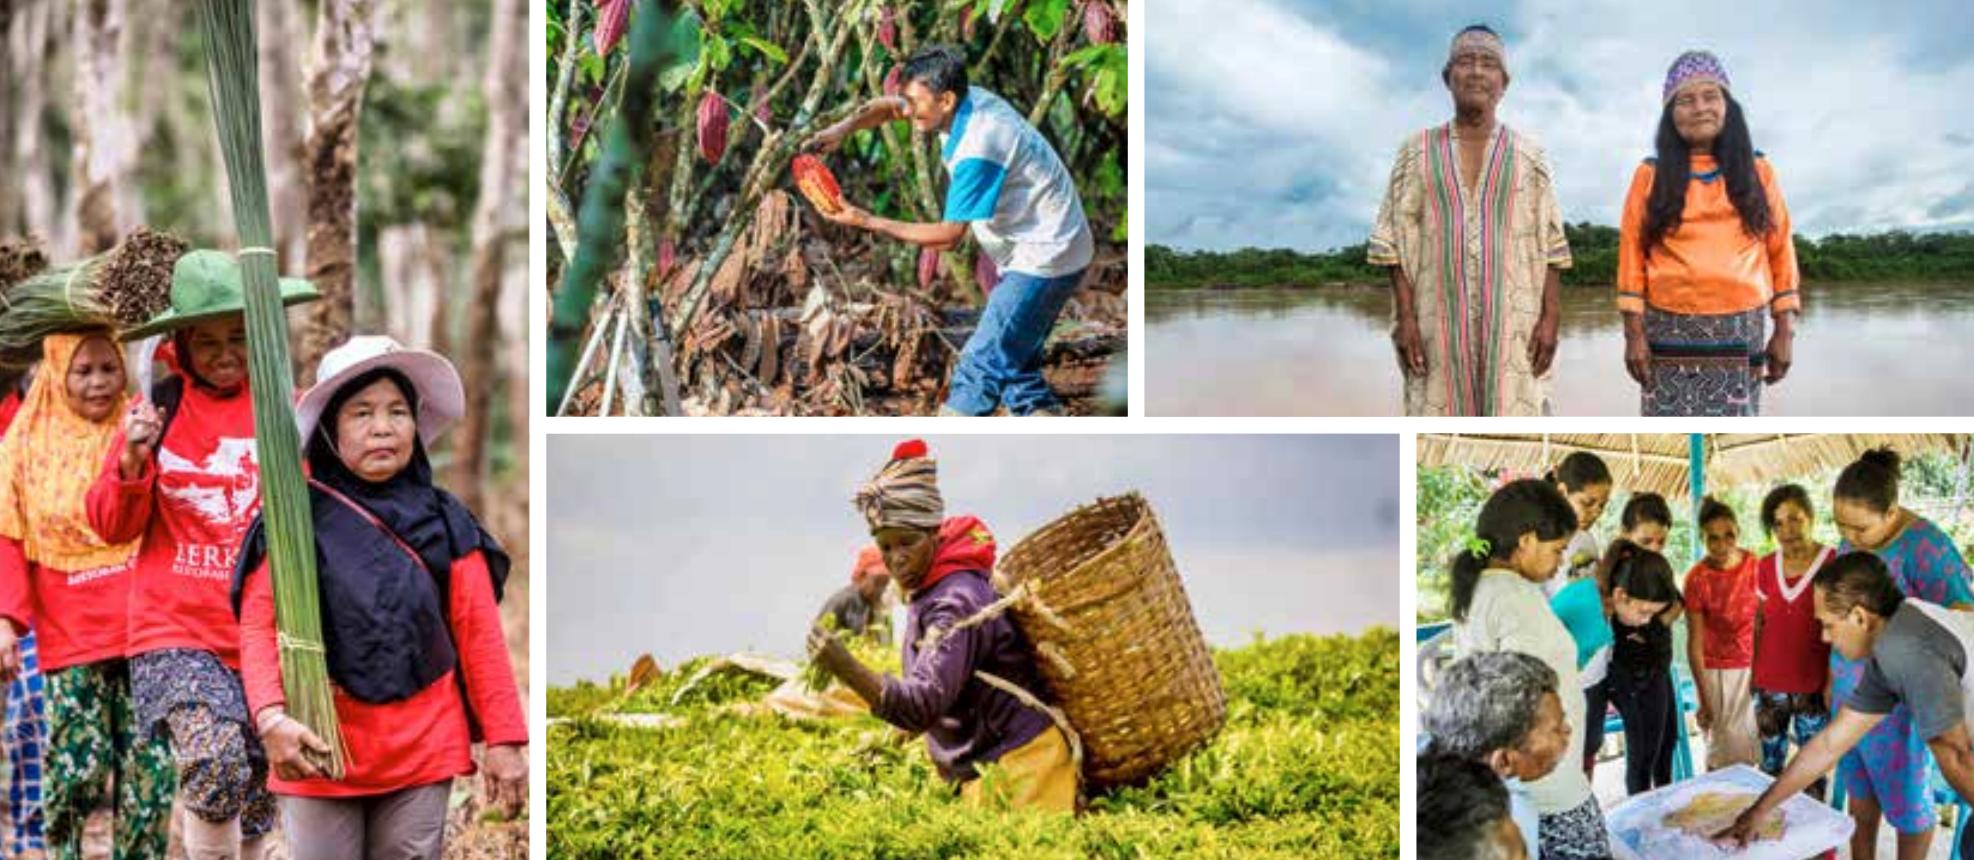 Global Landscapes Forum Bonn 2019 cover image